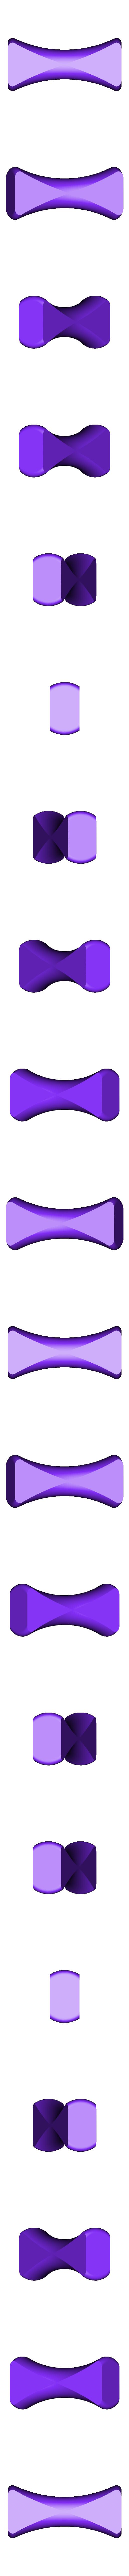 Elastic_ties.stl Download free STL file Elastic Ties - Optimized for 3D-Printing • 3D printing model, SunShine